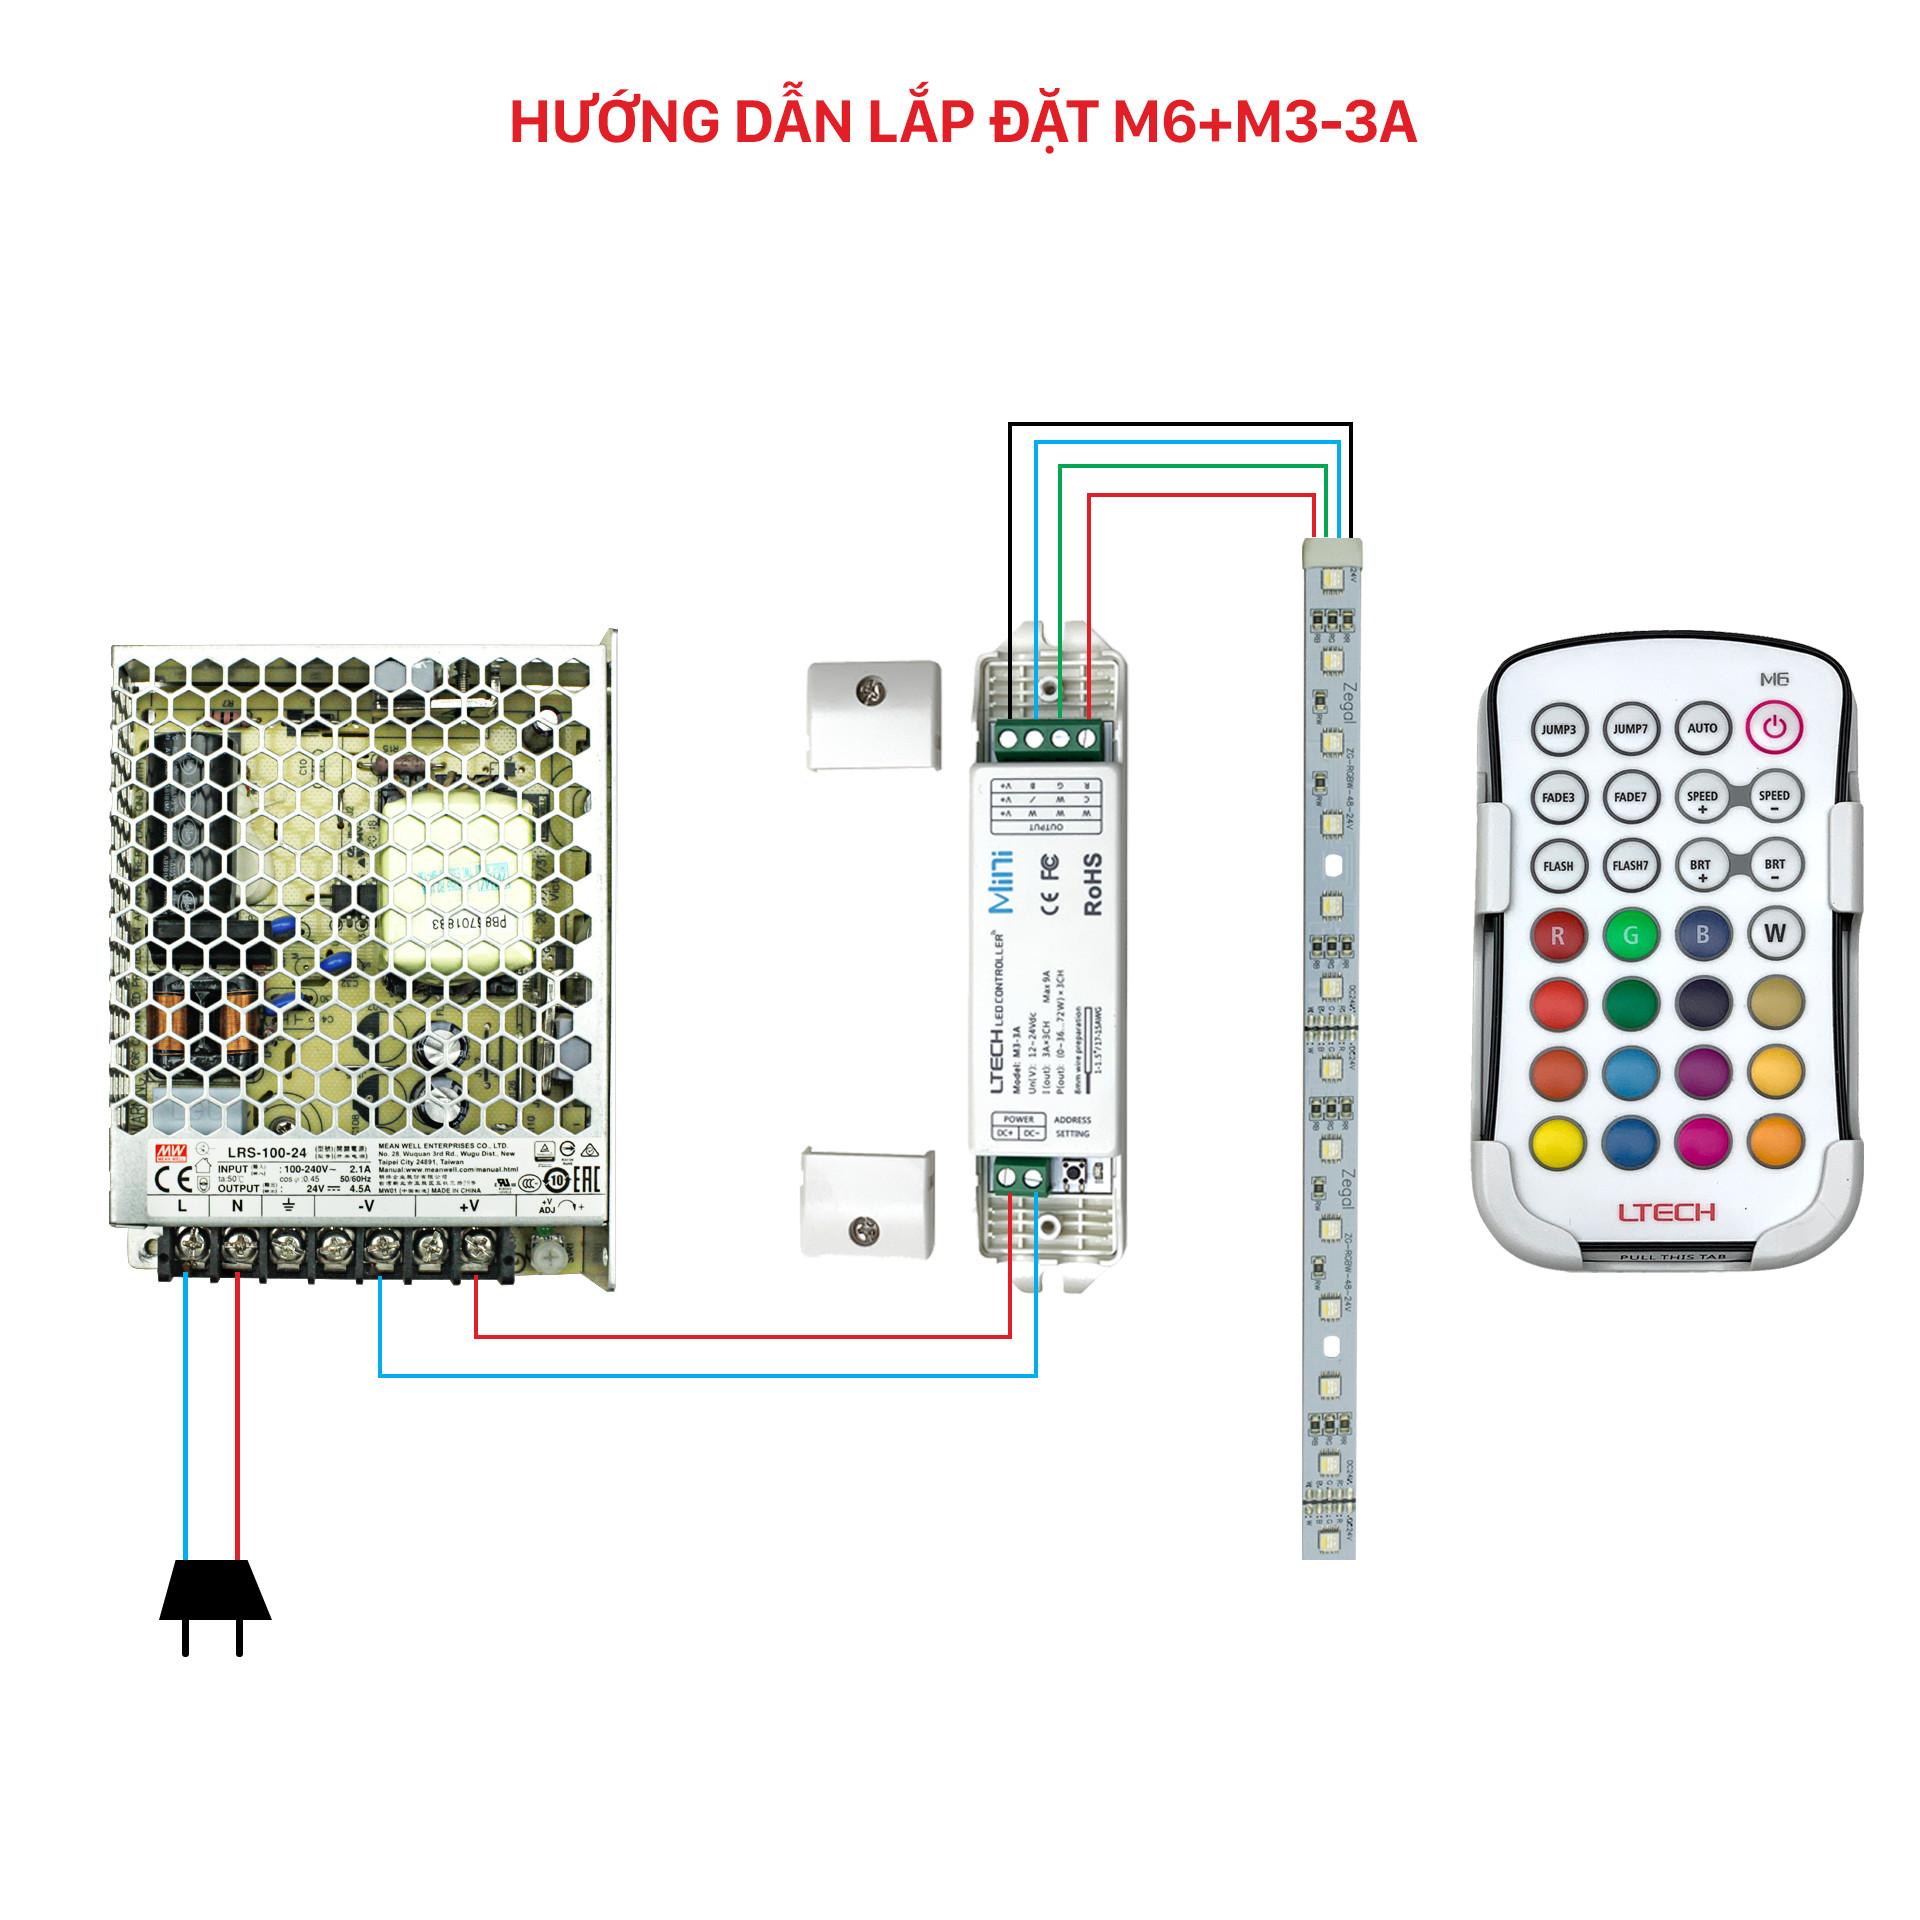 Bộ Điều Khiển Đèn Led Ltech M6+M3-3A Điều Chỉnh Màu Sắc Ánh Sáng, LED Dimmer Controller - Hàng Nhập Khẩu